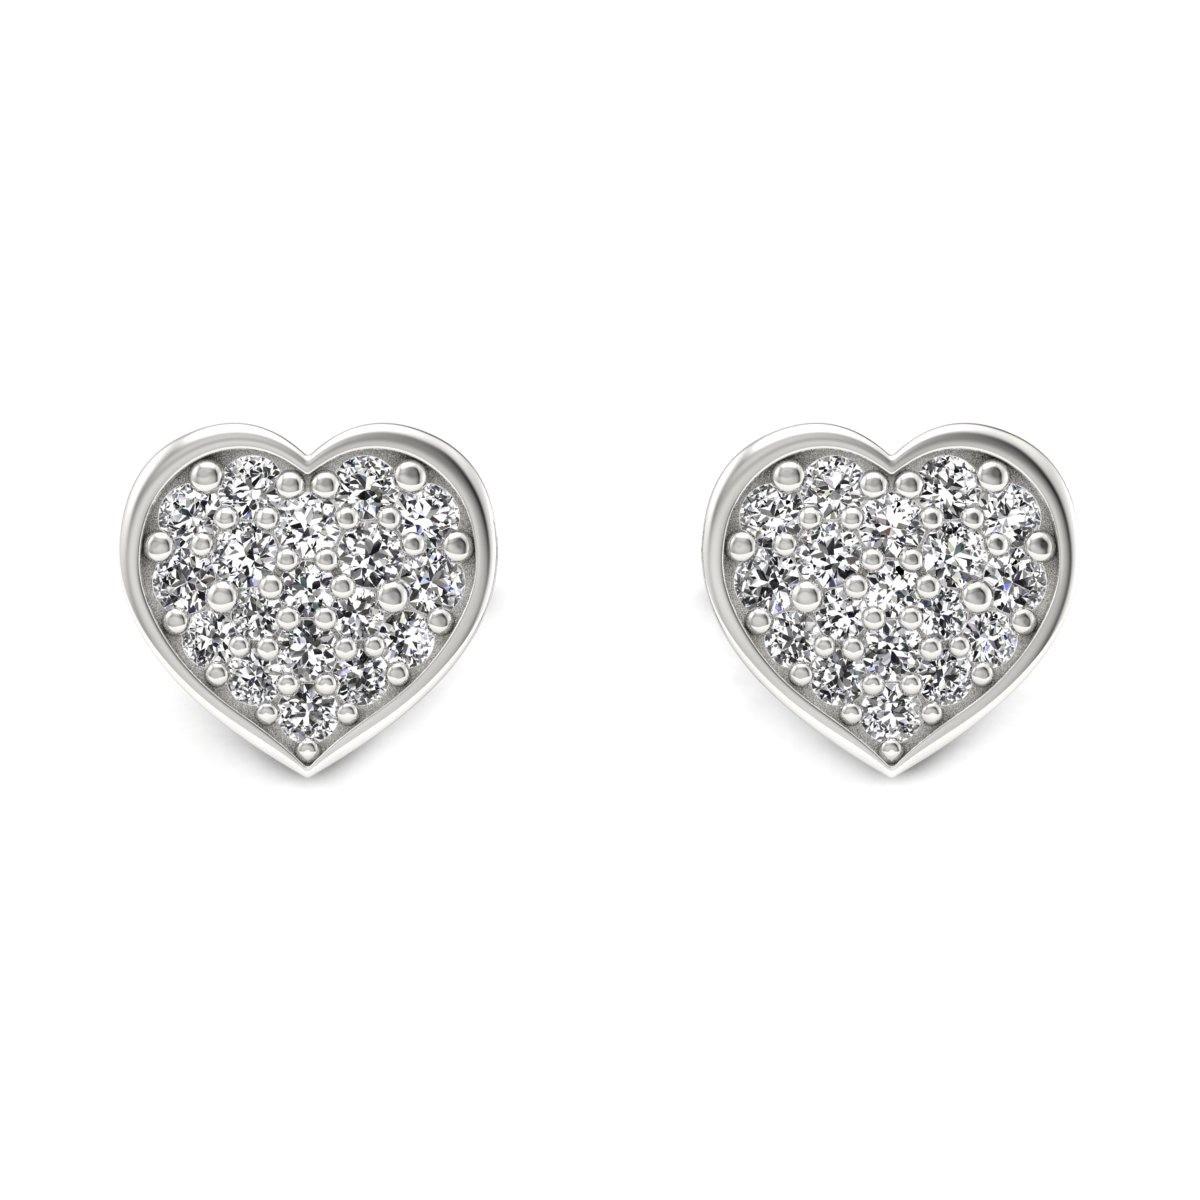 Heart - Kolczyki z diamentami białe zloto